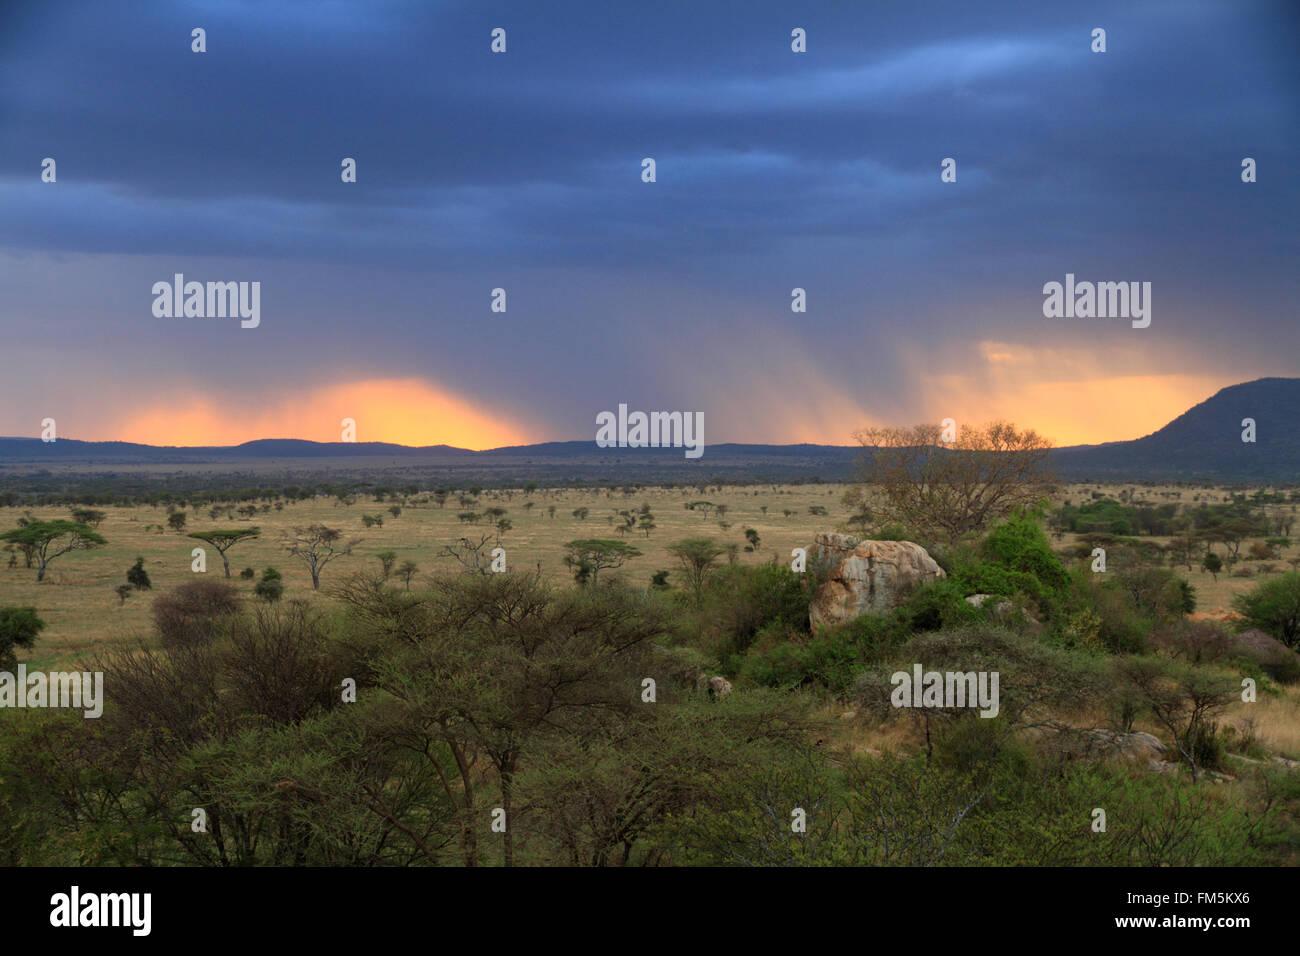 Un tramonto attraverso pioggia nuvole sulla savana africana Immagini Stock